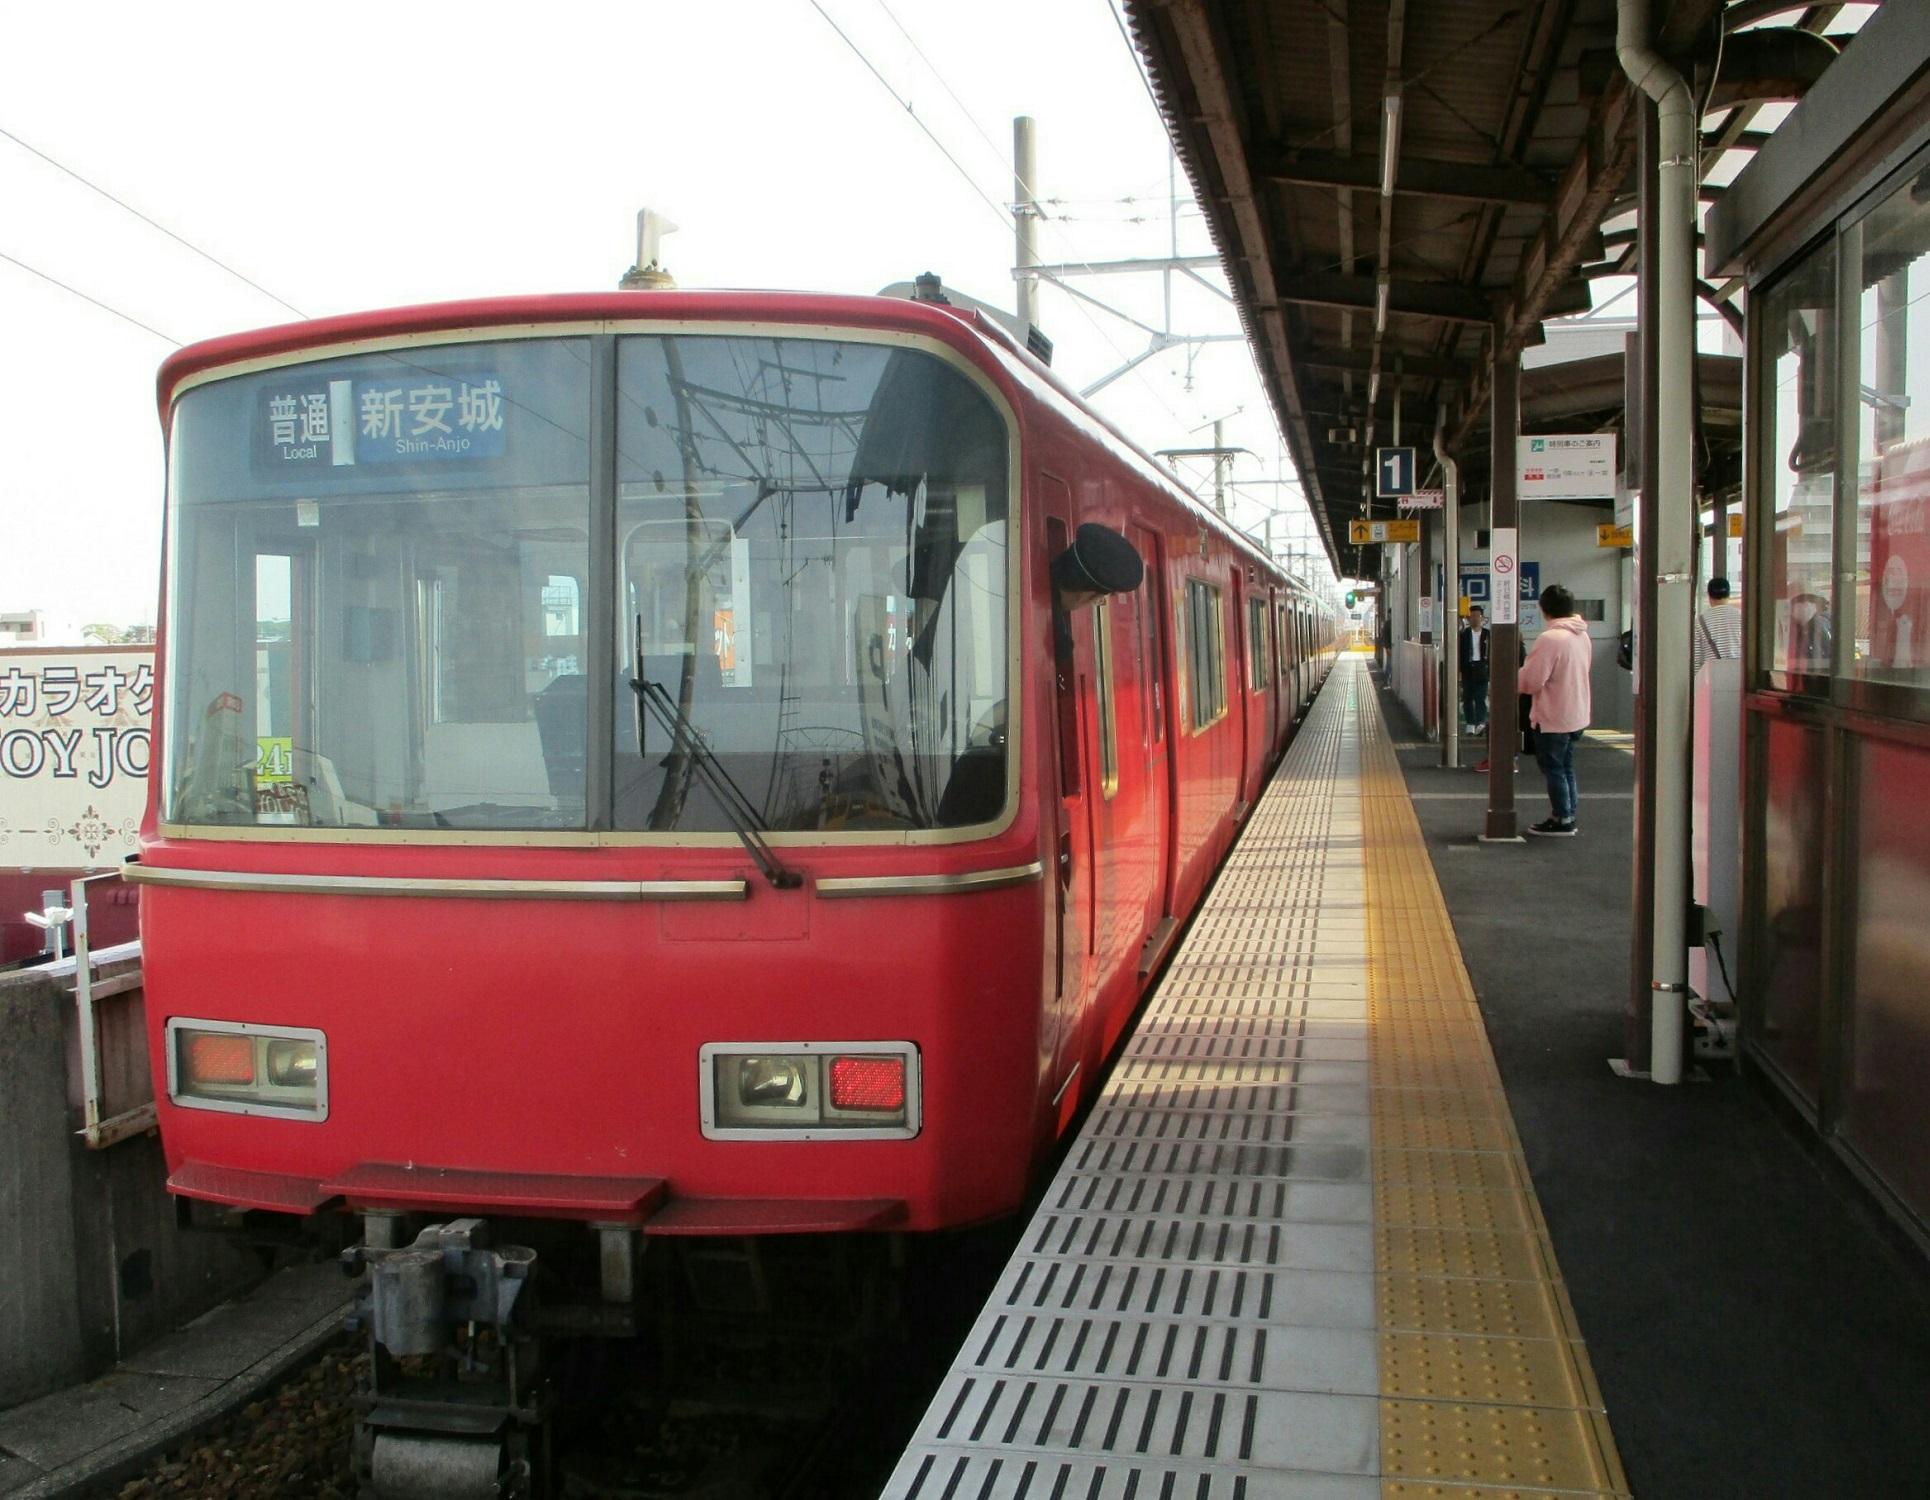 2019.5.3 (7) 西尾 - しんあんじょういきふつう 1930-1500